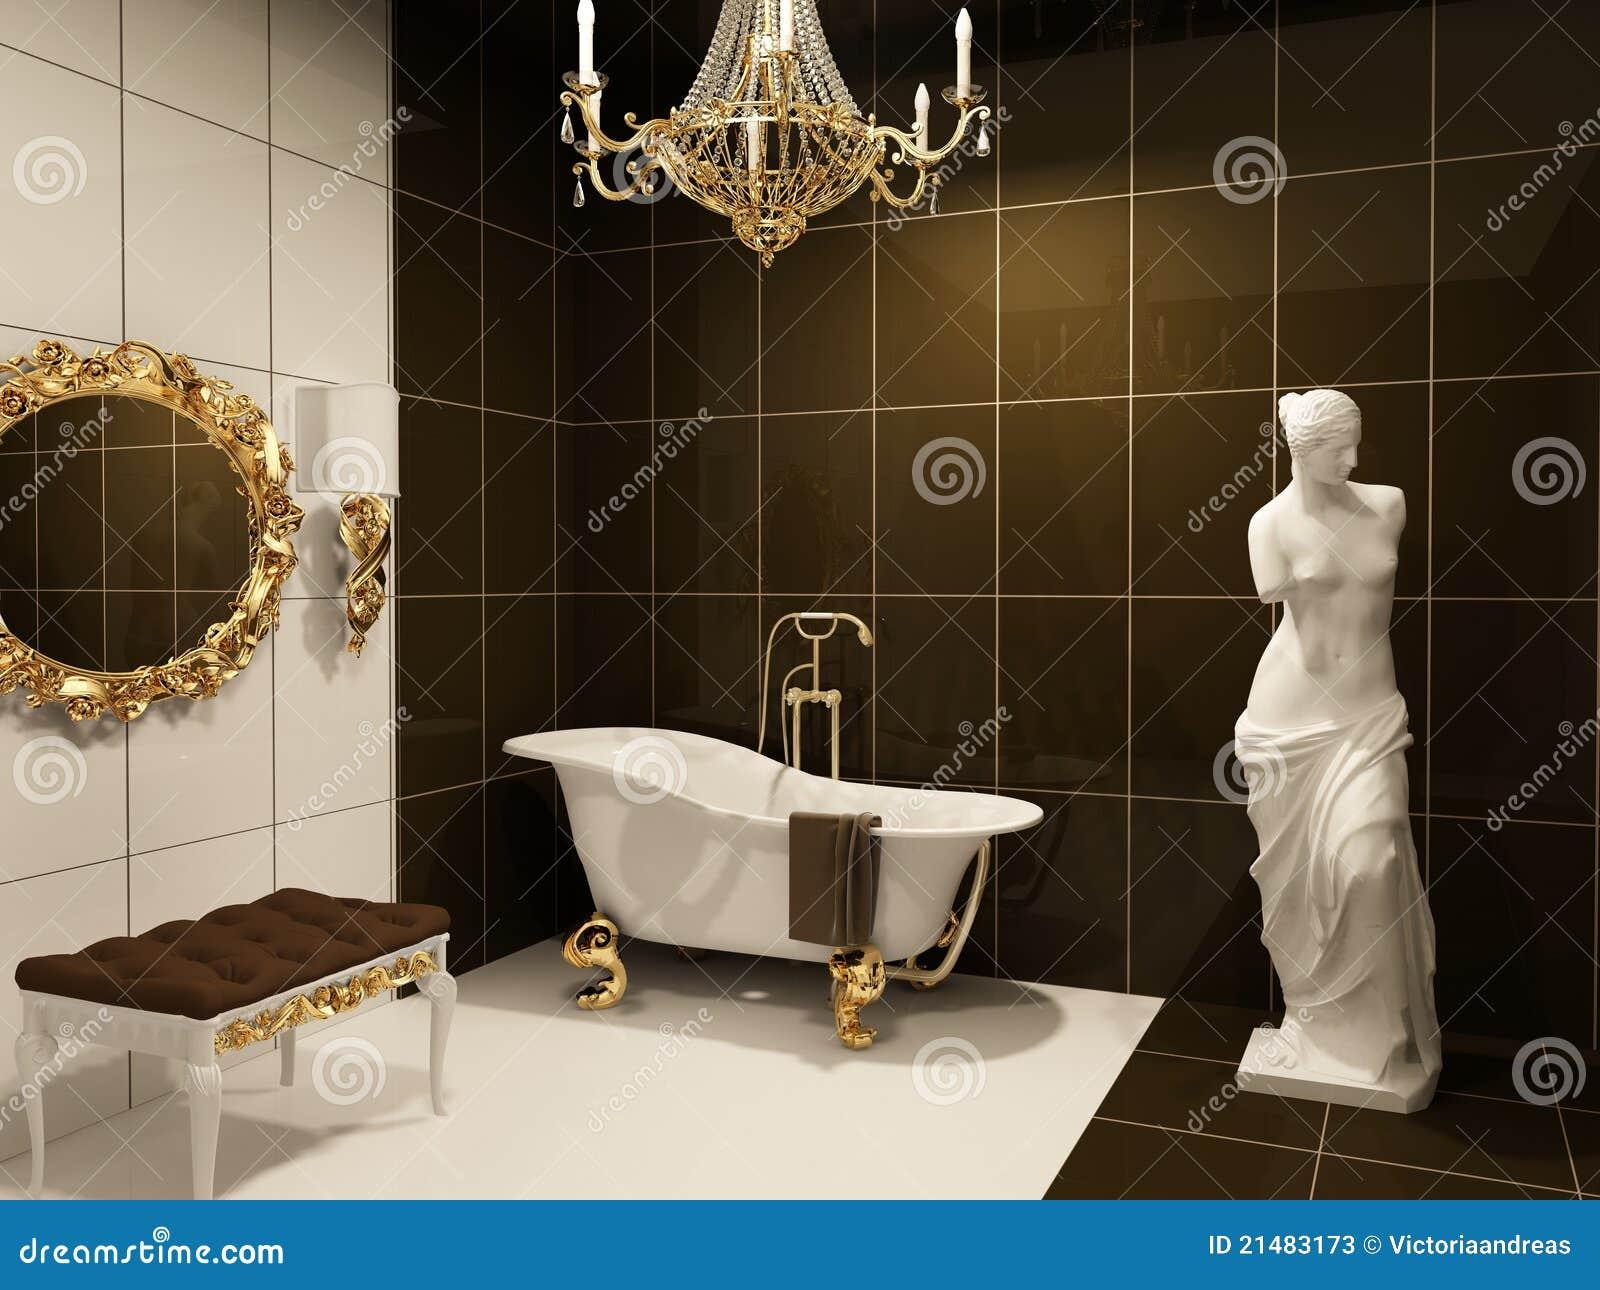 Meubles Luxueux Dans La Salle De Bains Baroque